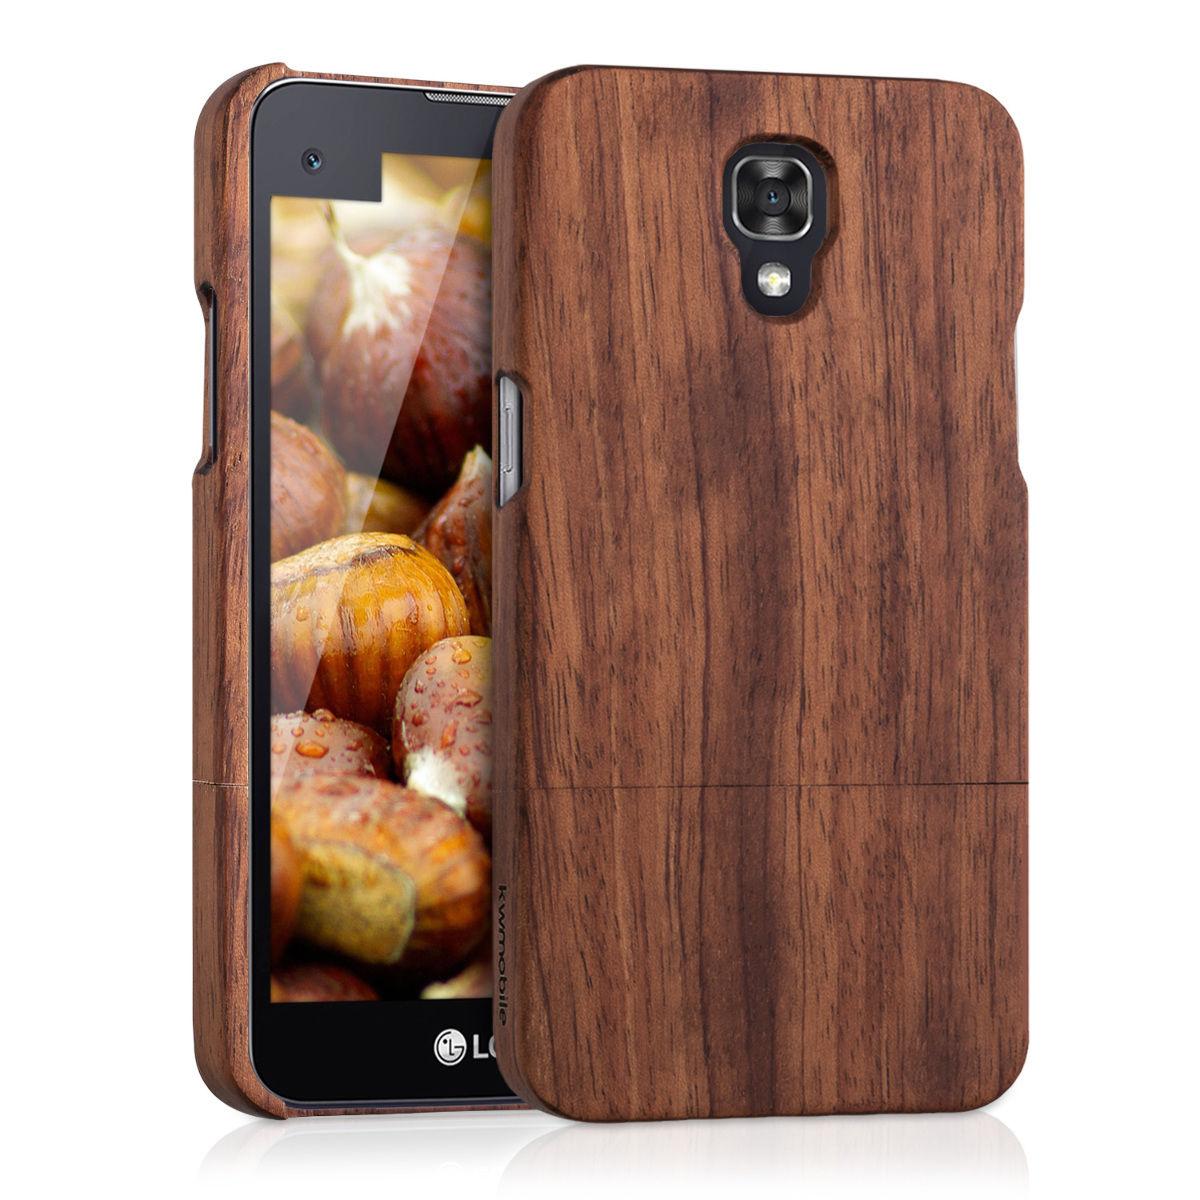 Pouzdro pro LG X Screen dřevo